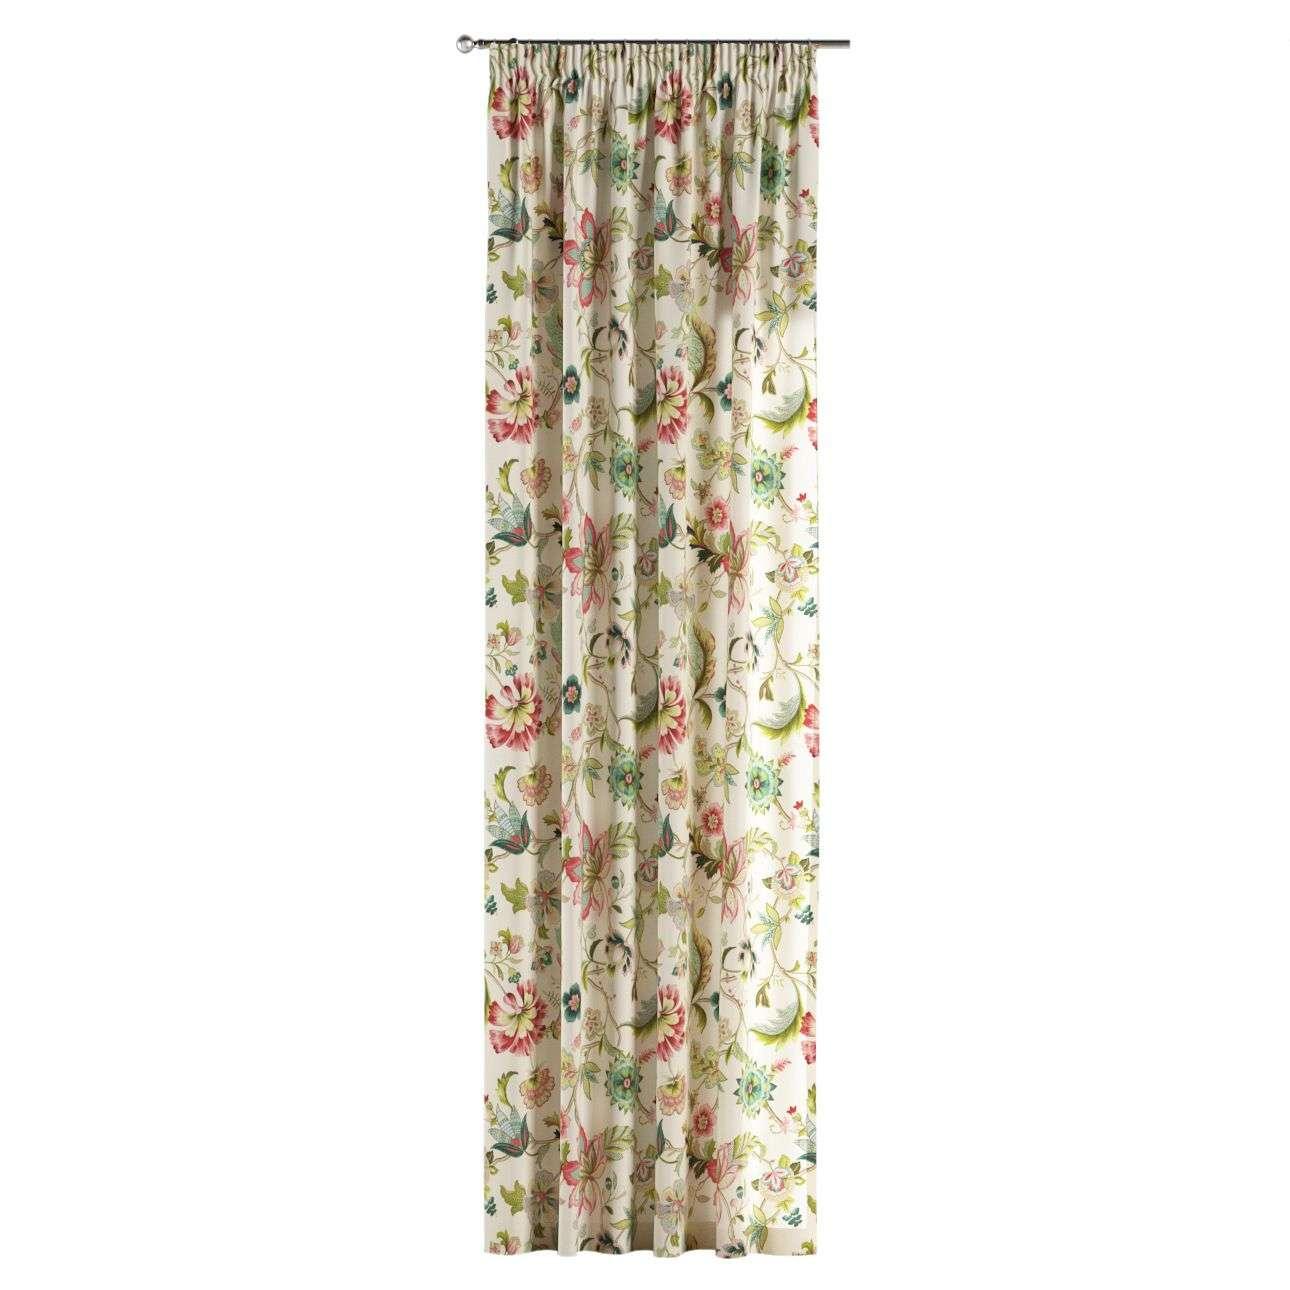 Függöny ráncolóval 130 x 260 cm a kollekcióból Bútorszövet Londres, Dekoranyag: 122-00